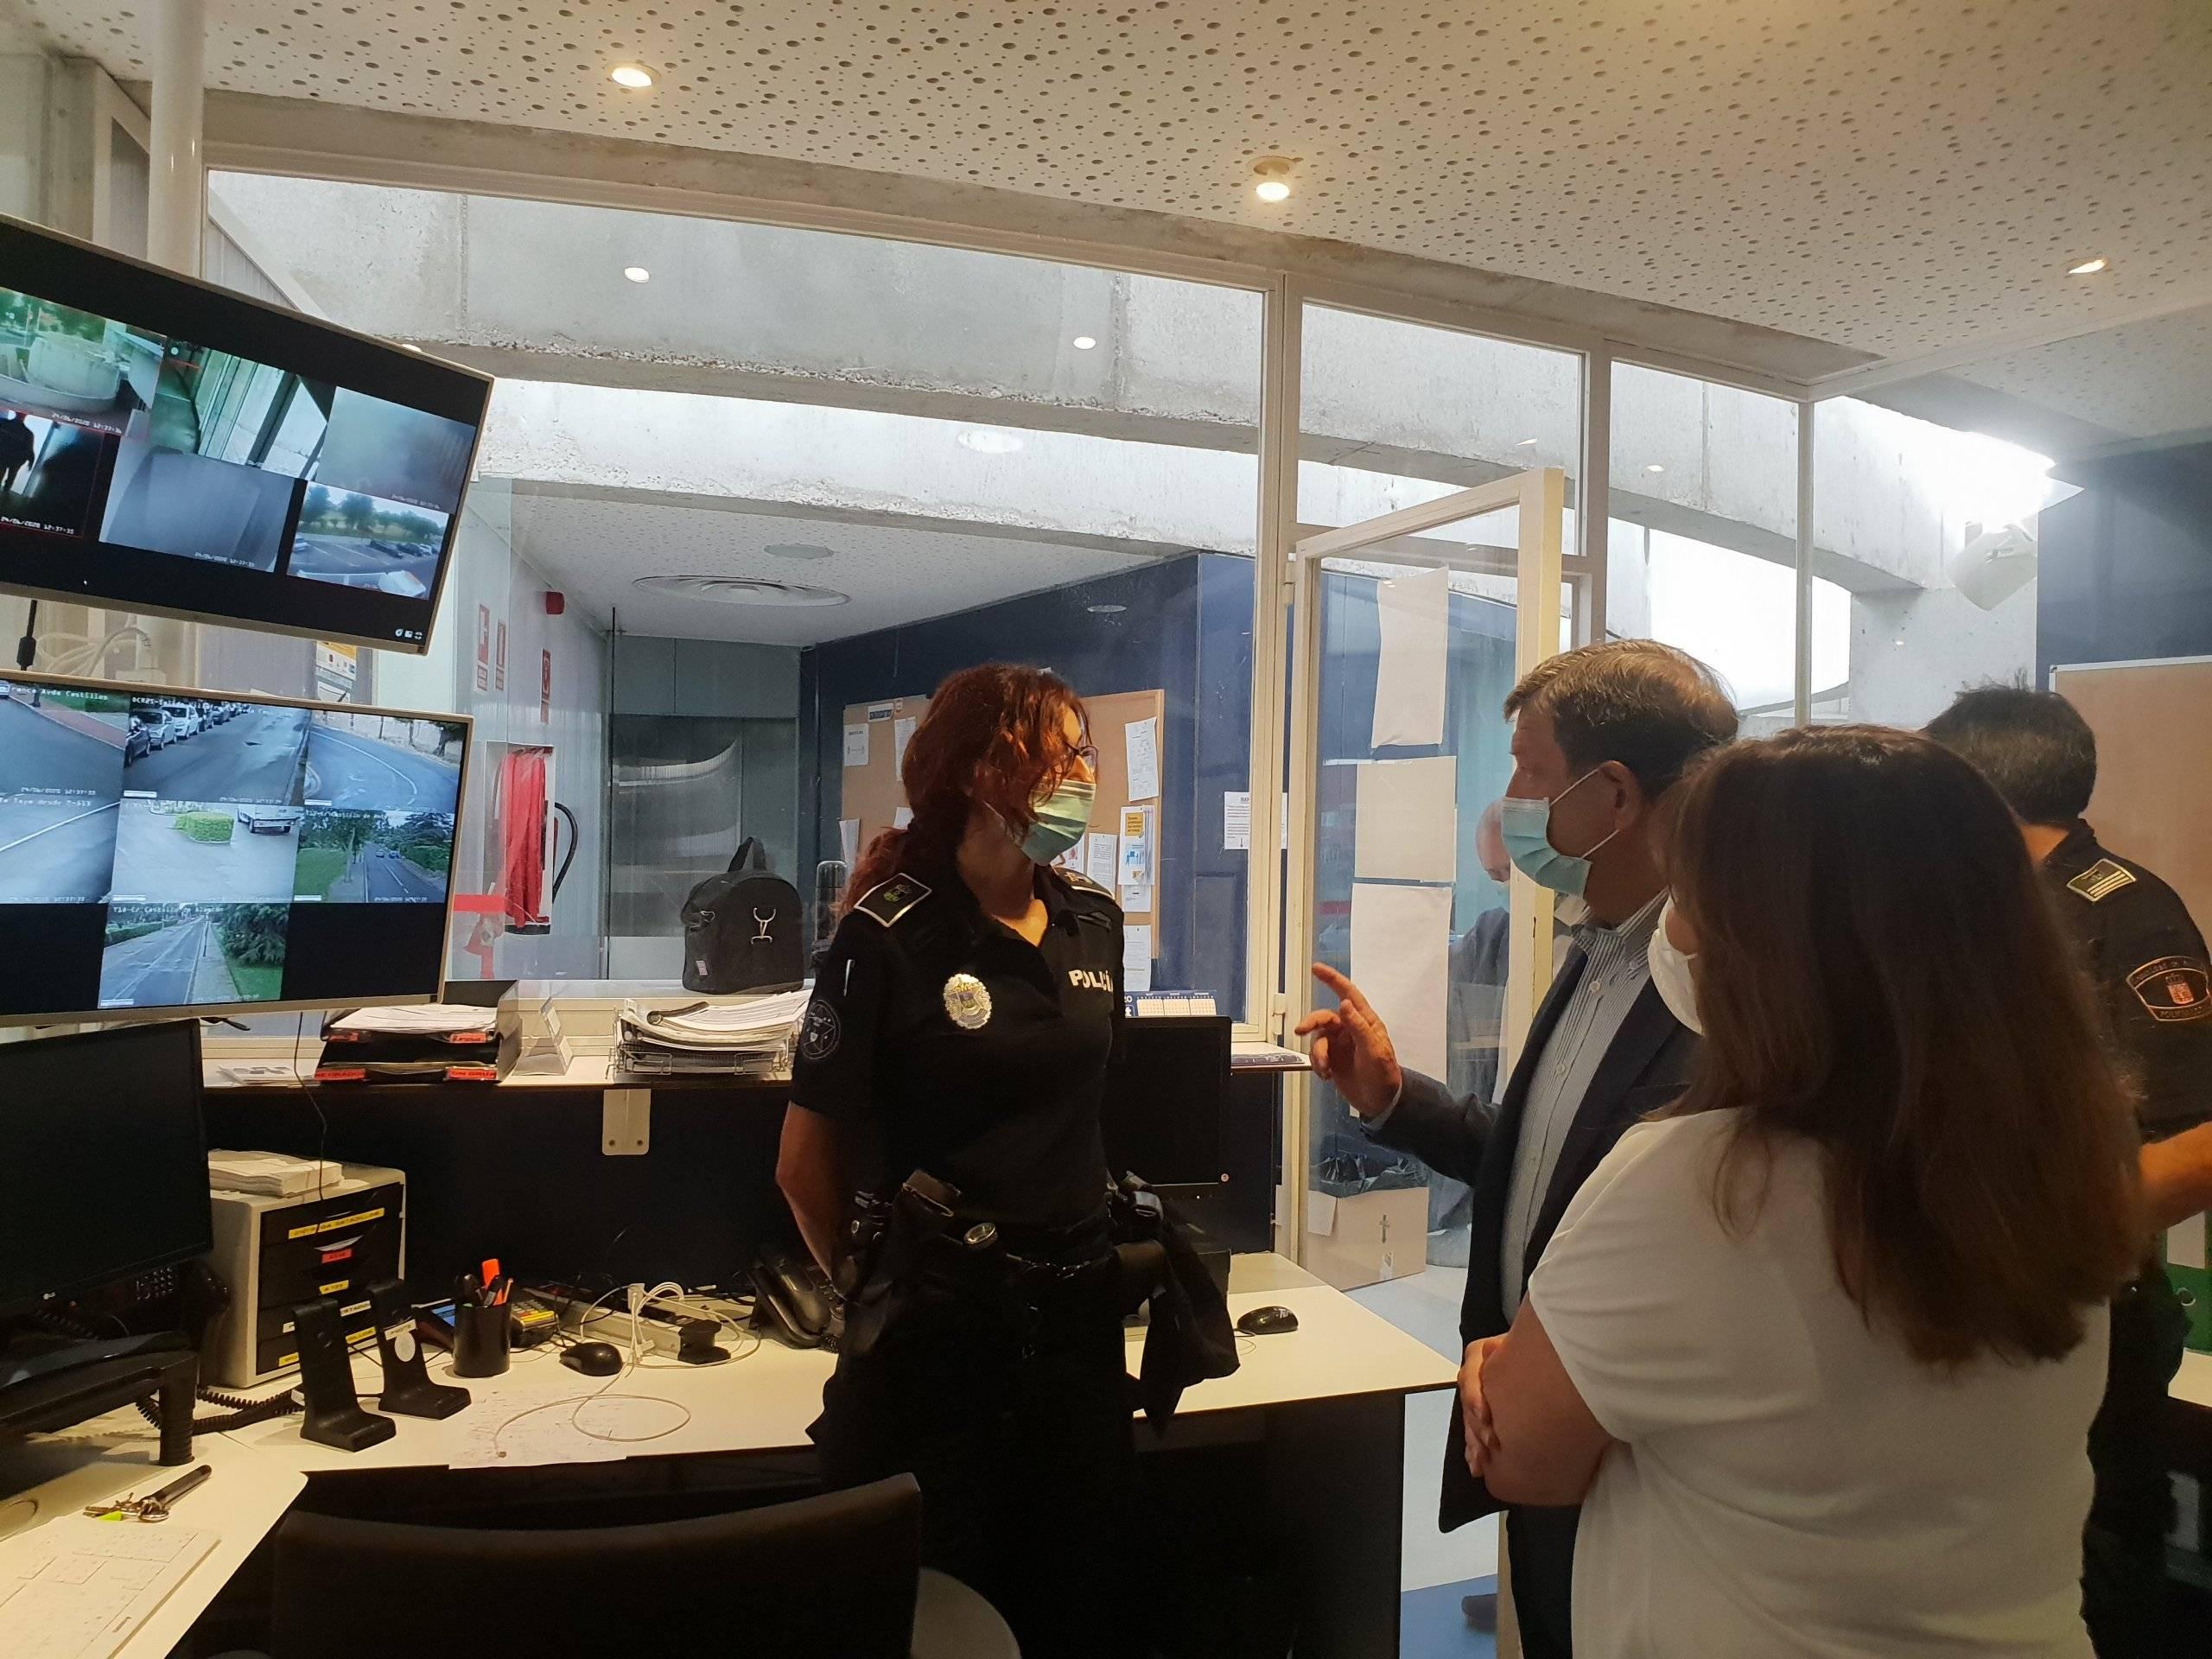 Durante la visita, el regidor villanovense ha estado acompañado de la concejala de Seguridad, Julia Tortosa. entre otros.